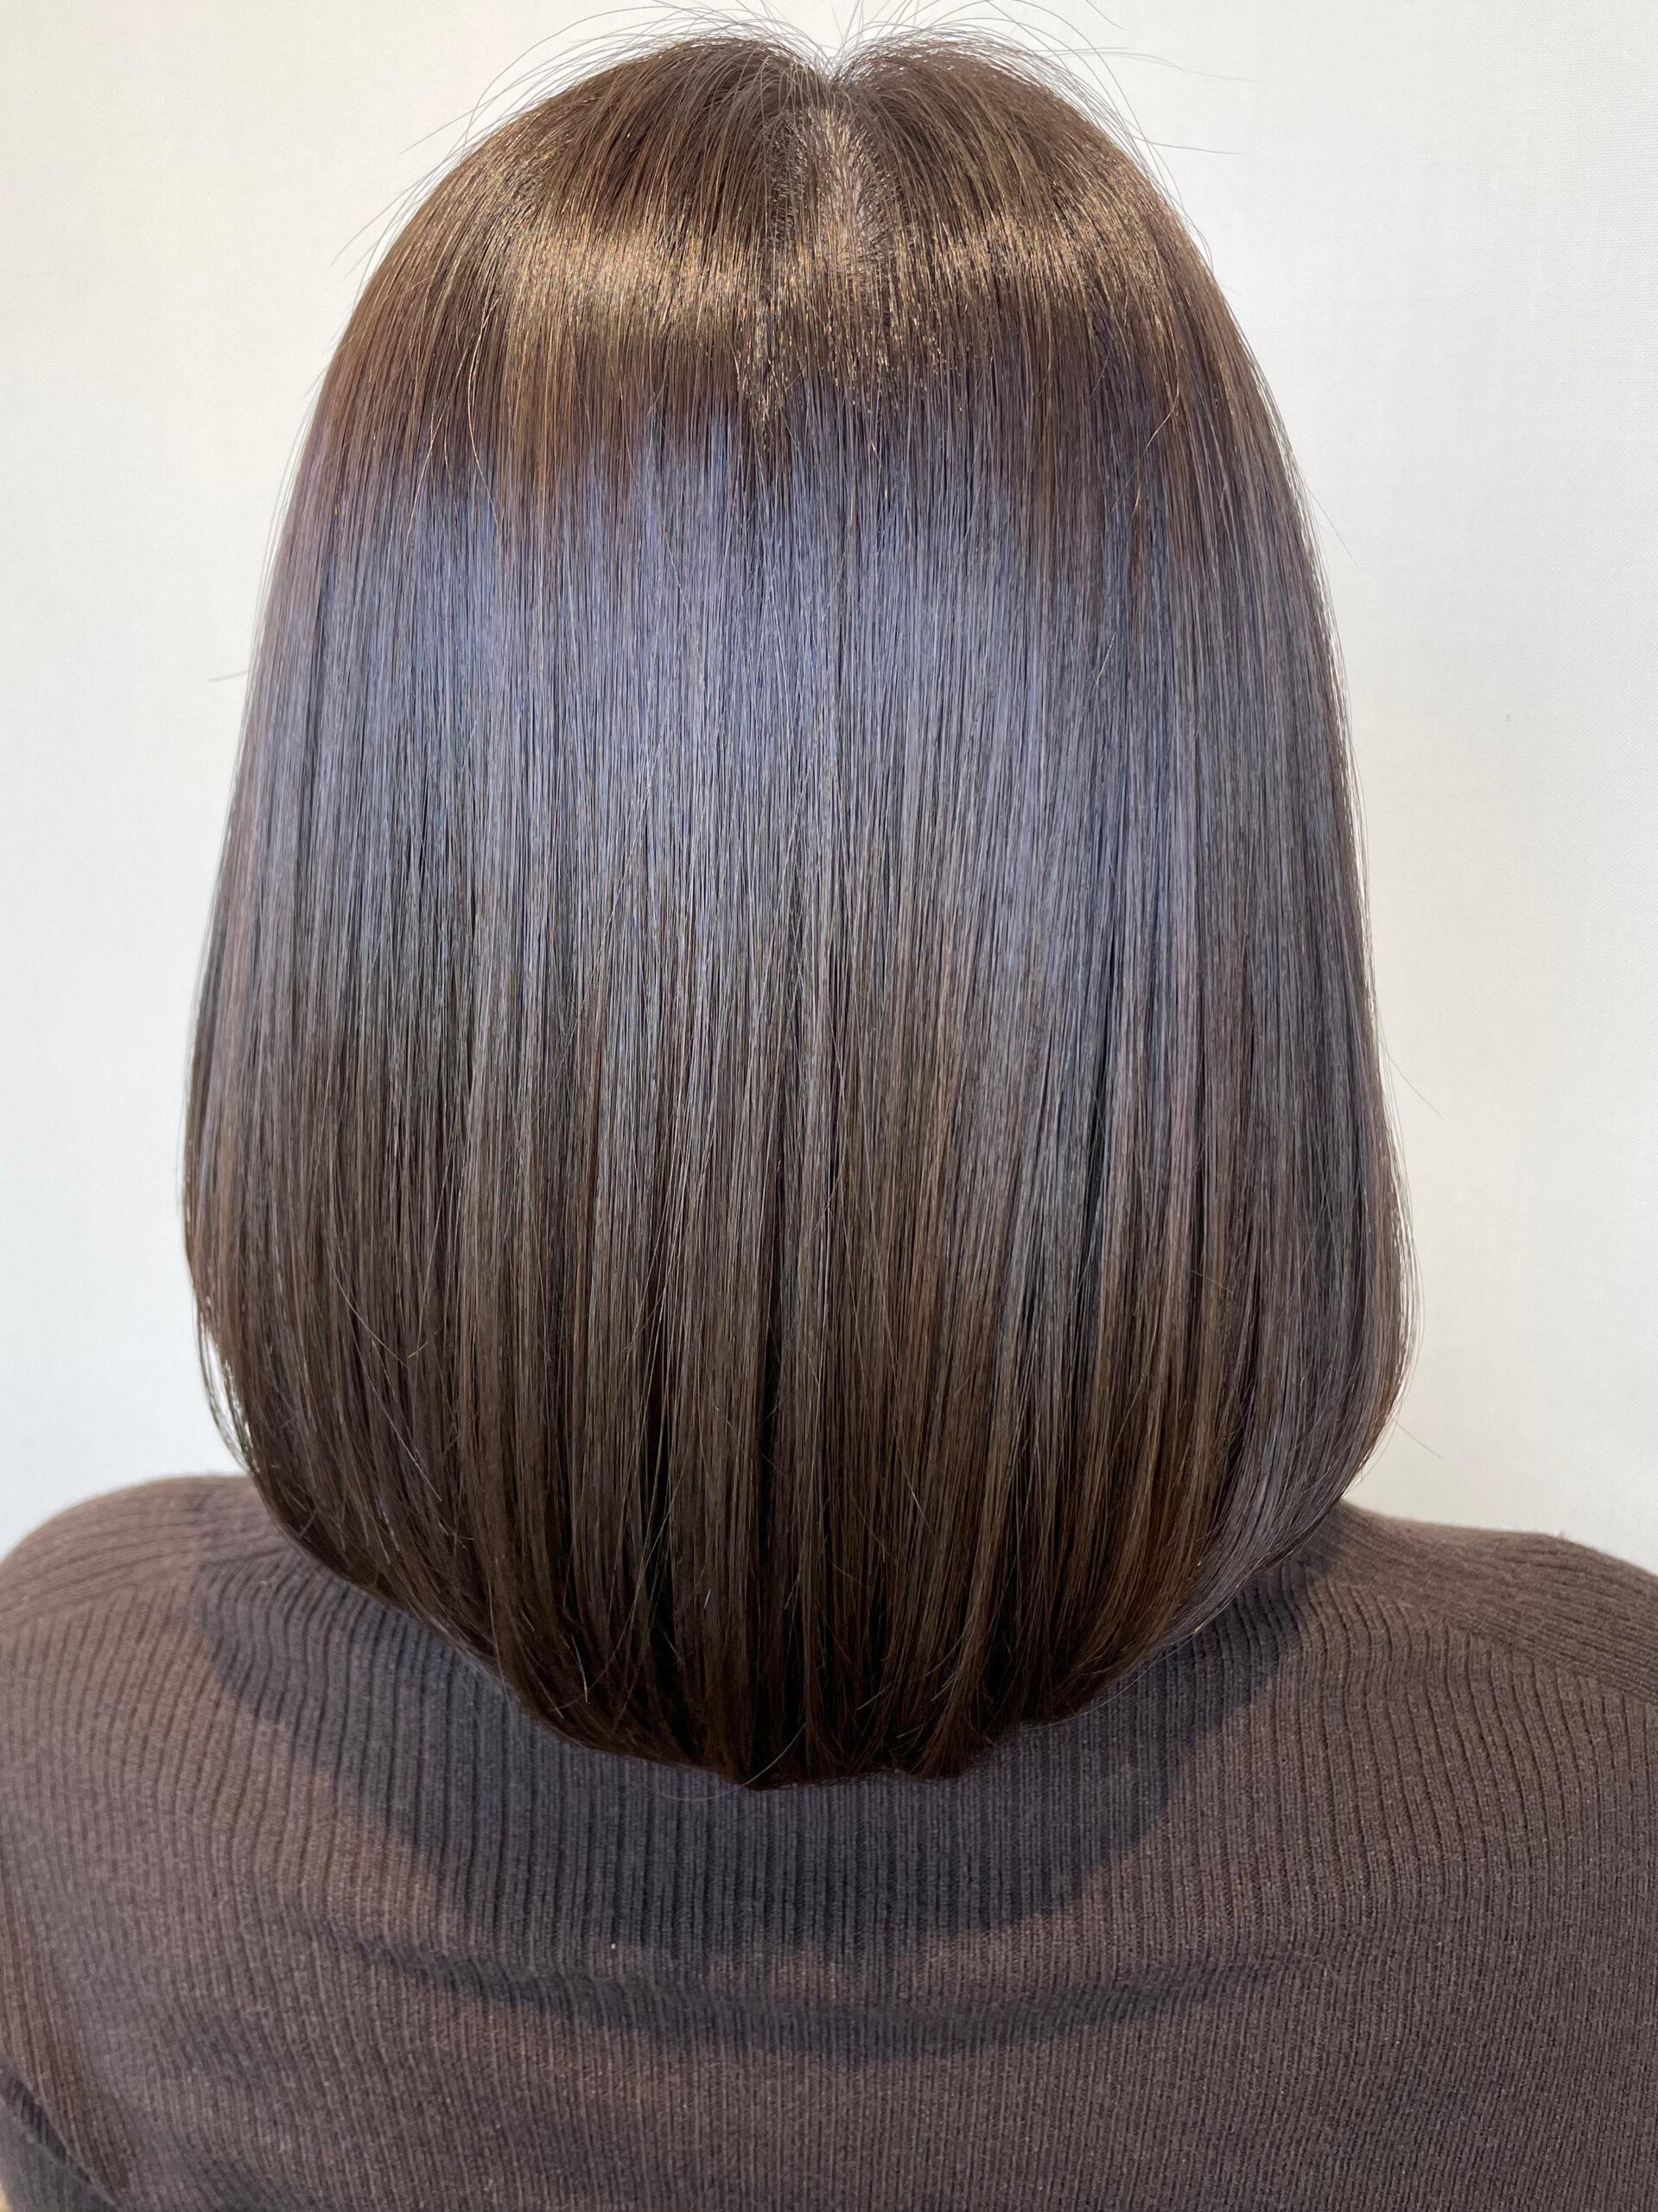 大分県別府市 髪質改善 お試し中の艶髪カラー&トリートメント アフター